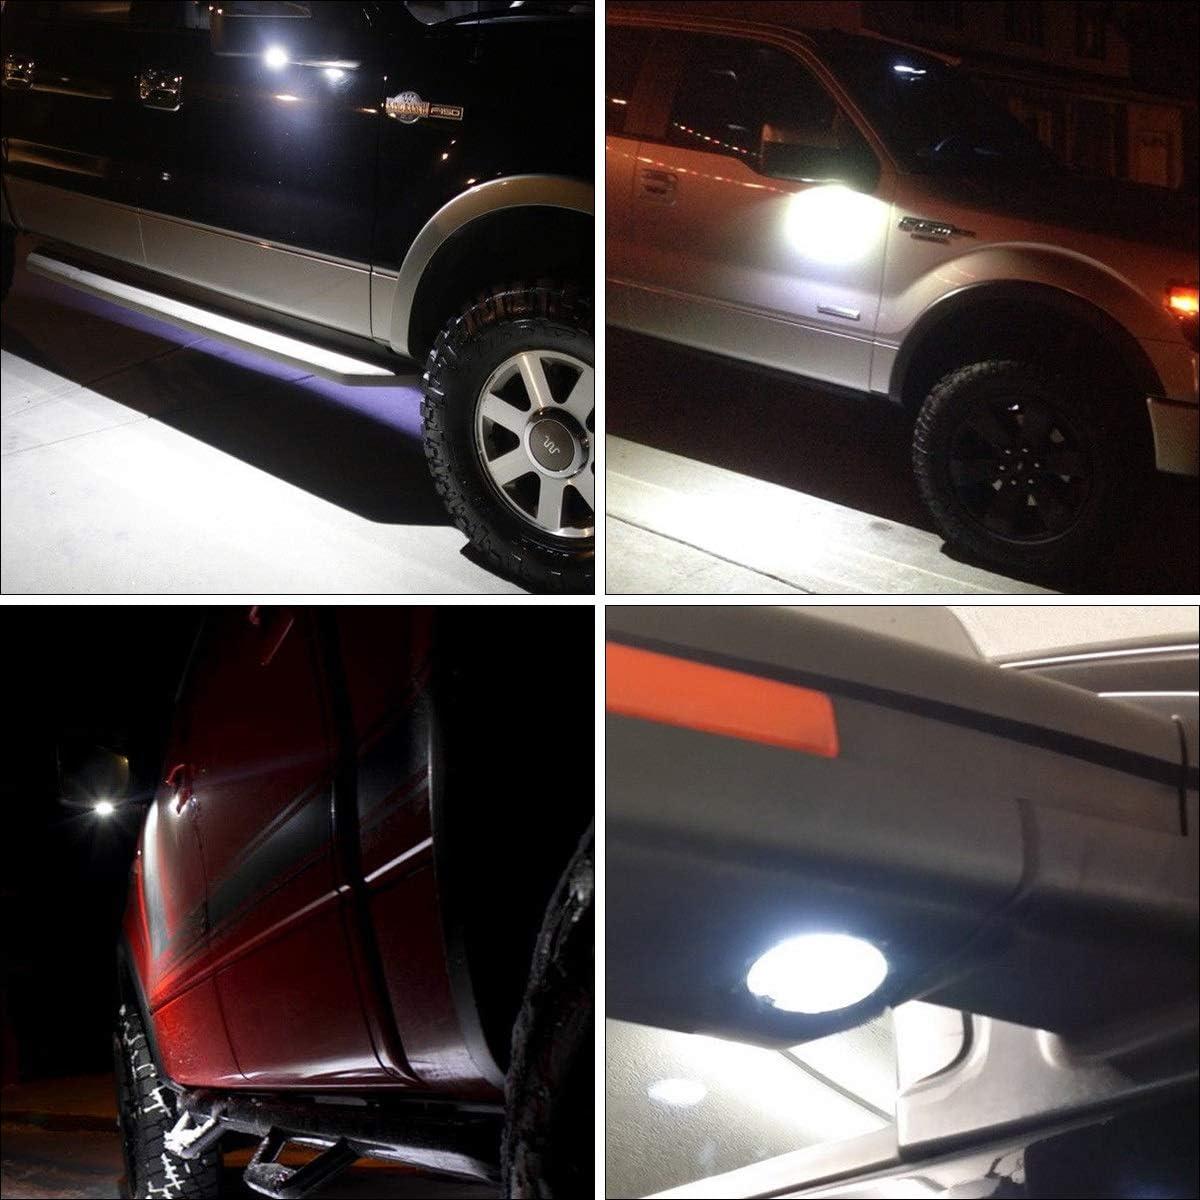 2 luci a LED per specchietti laterali per specchietto retrovisore ad alta potenza Dibiao 9-16 V